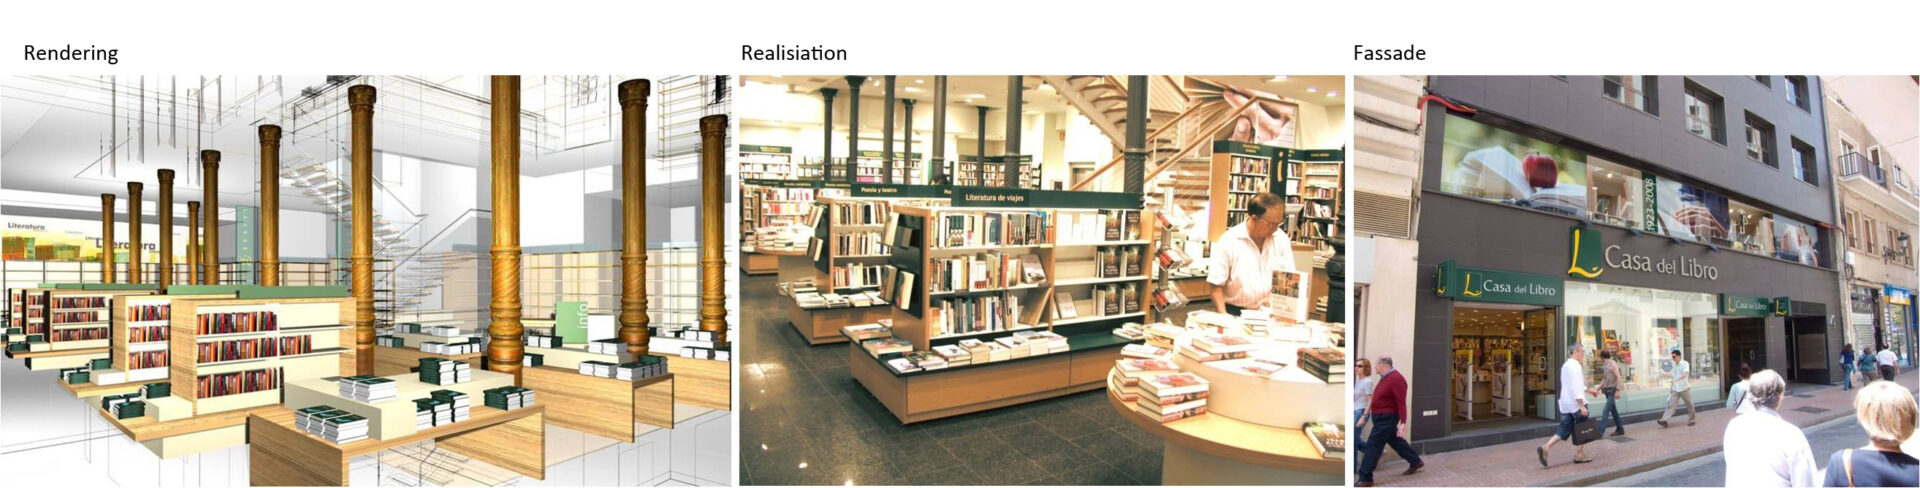 casa del libro_1